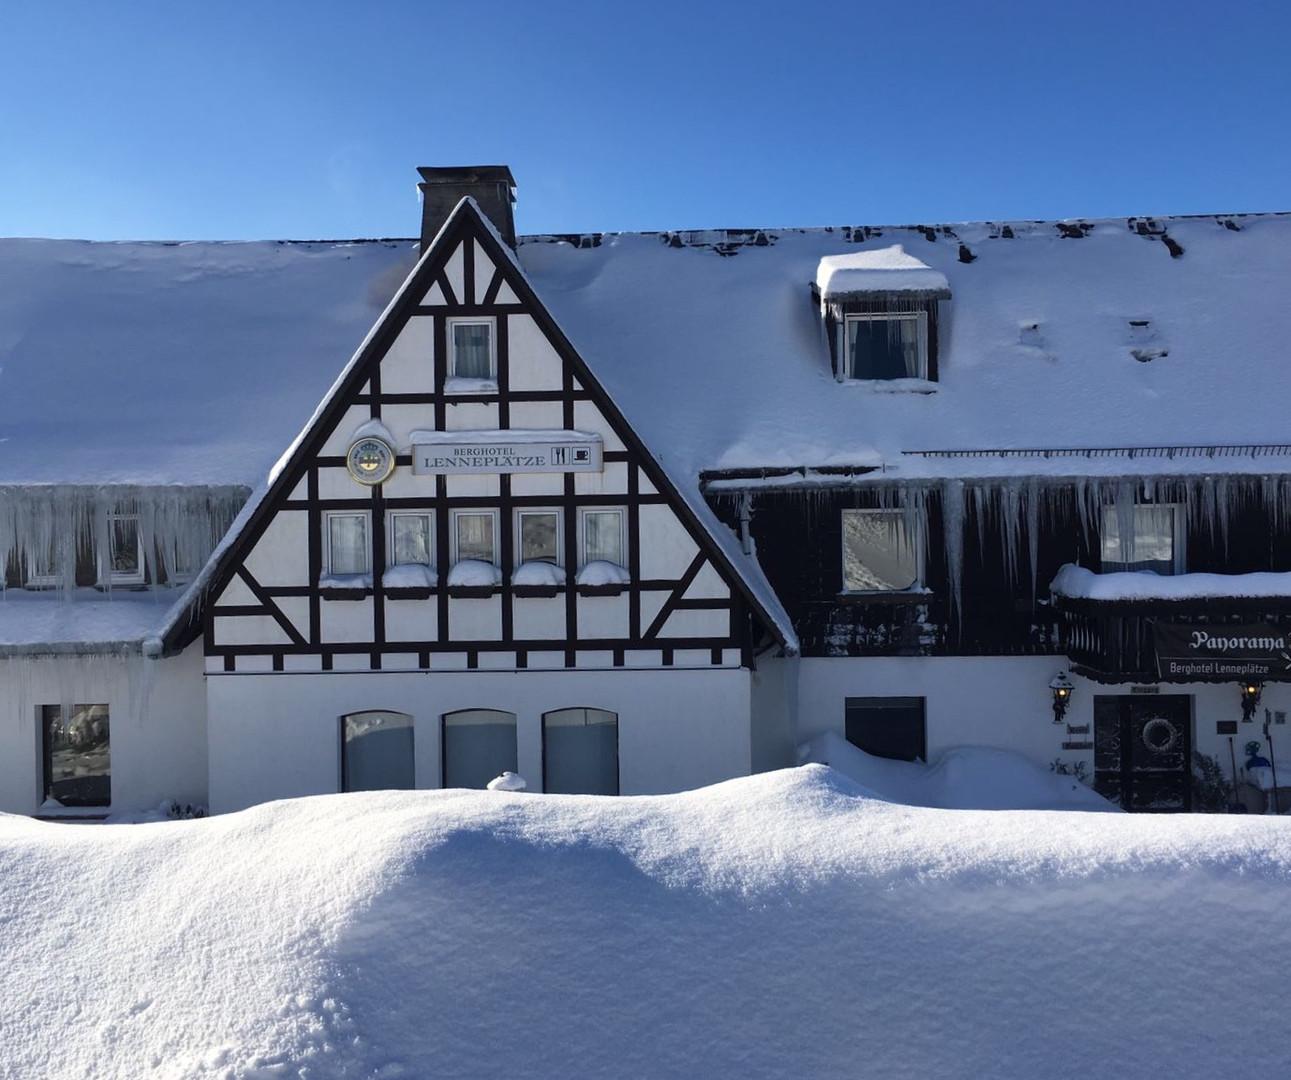 Sprookje in de sneeuw